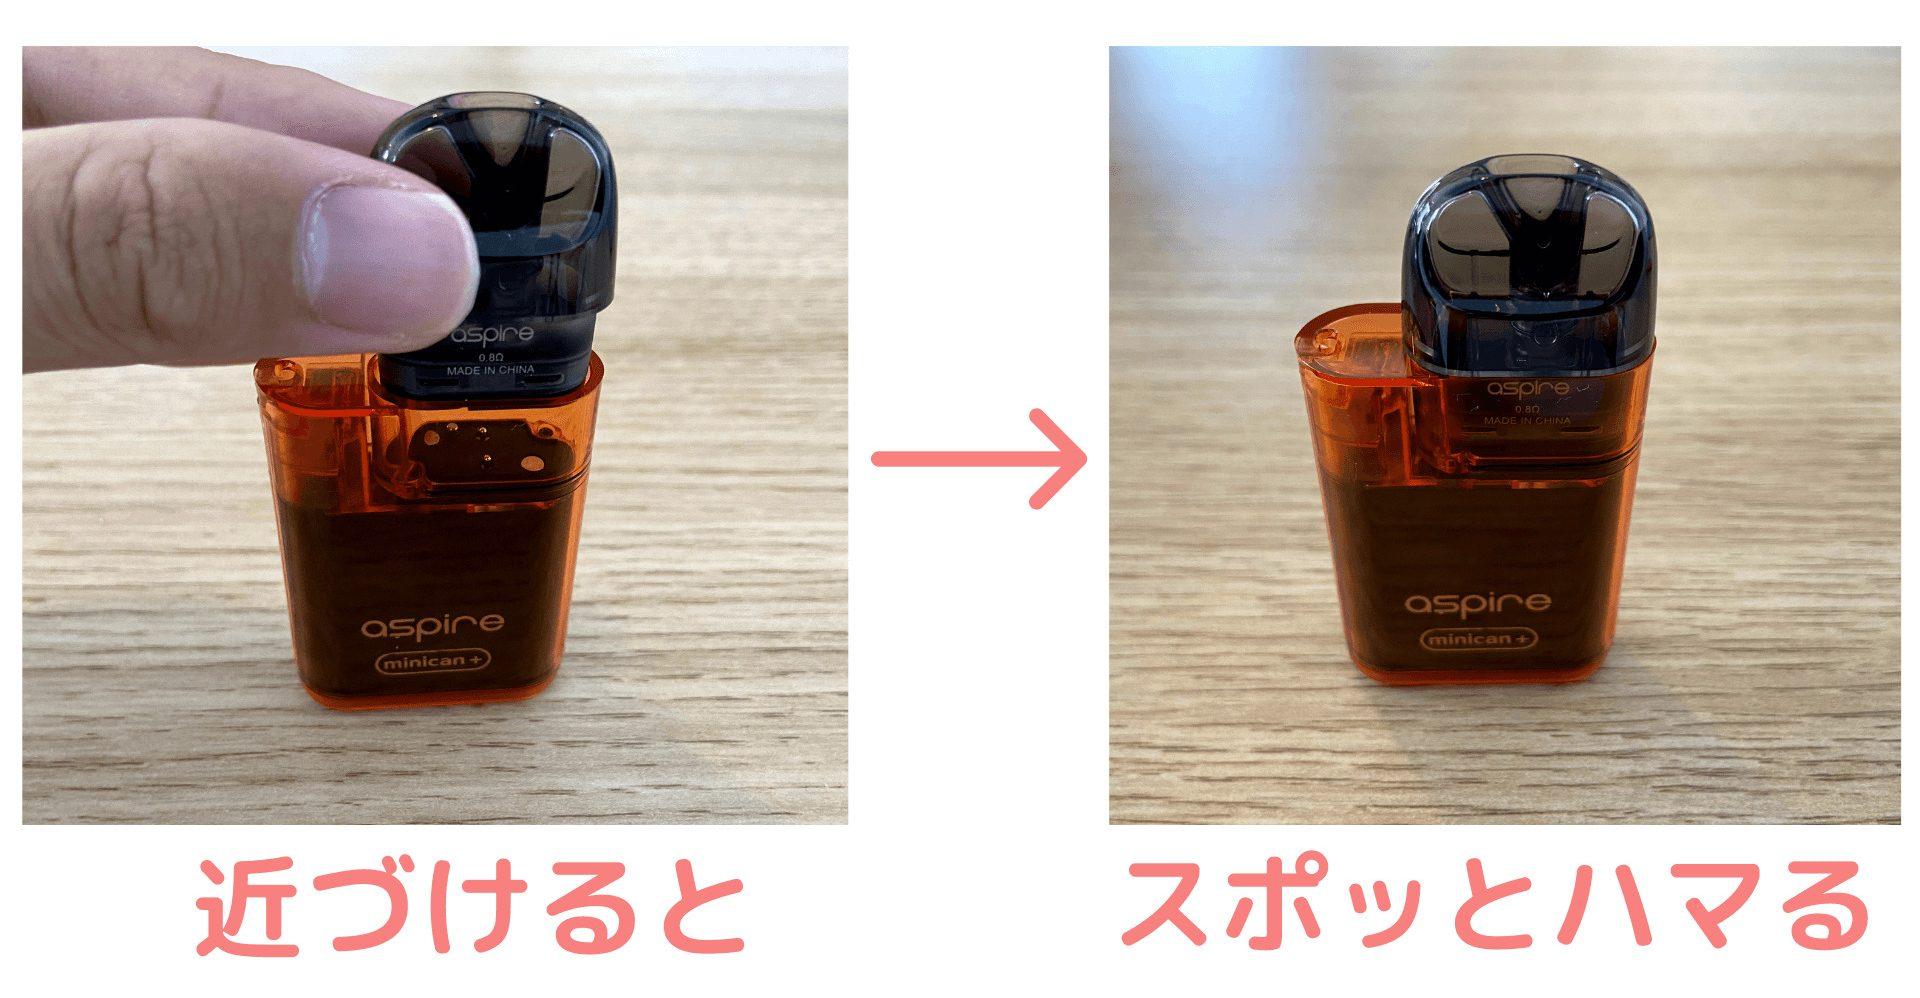 Minicanプラス マグネット式